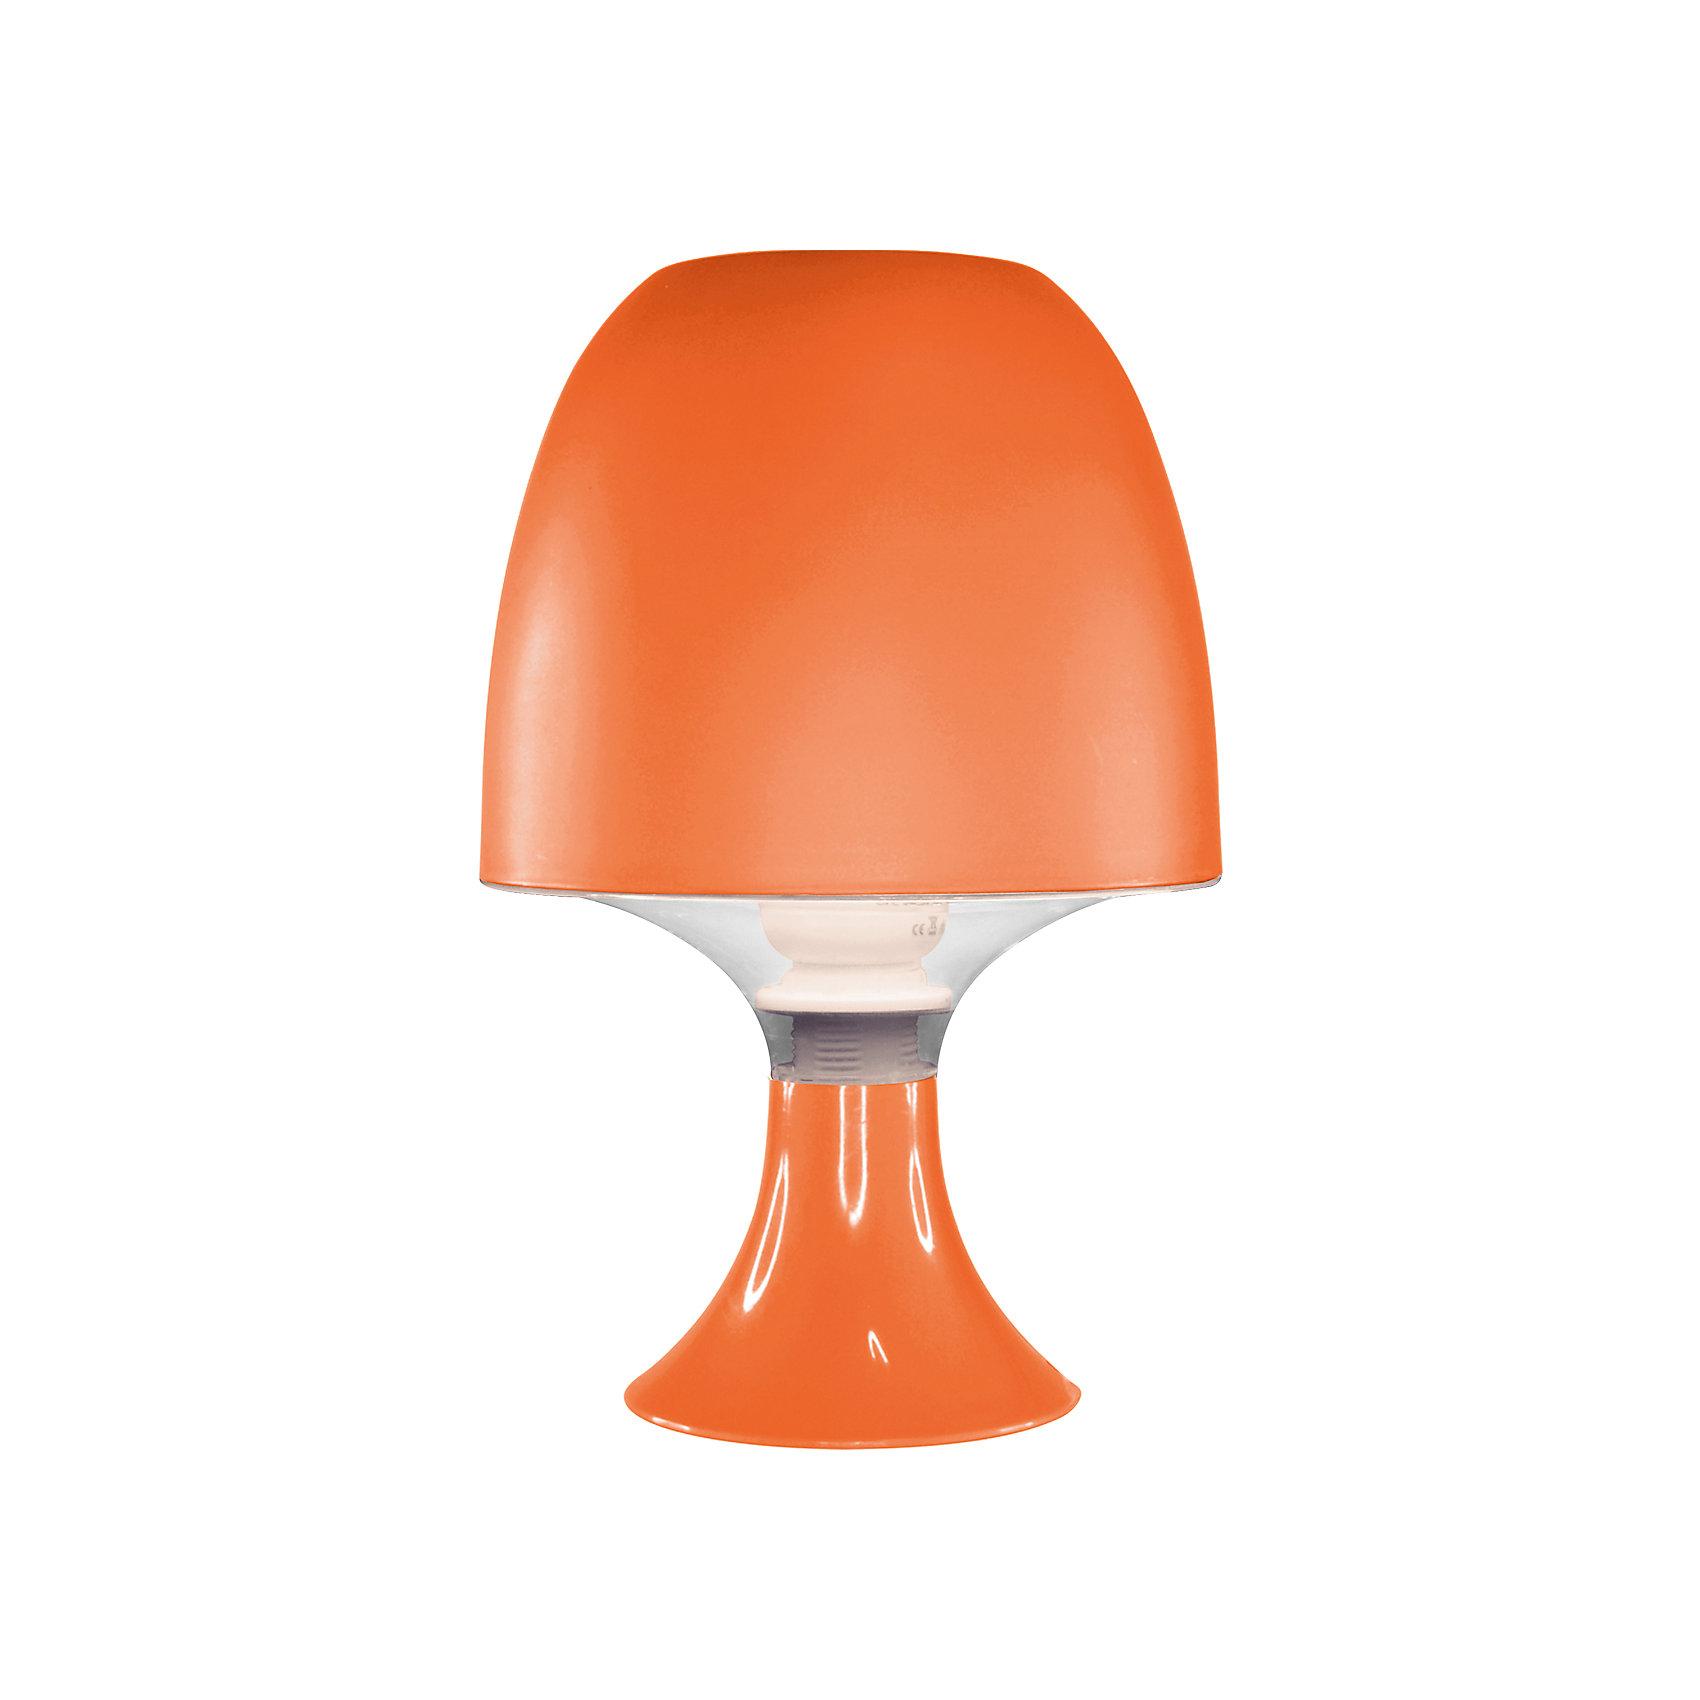 Ultra Light Настольный ночник КЛЛ 15Вт, Ultra Light, оранжевый